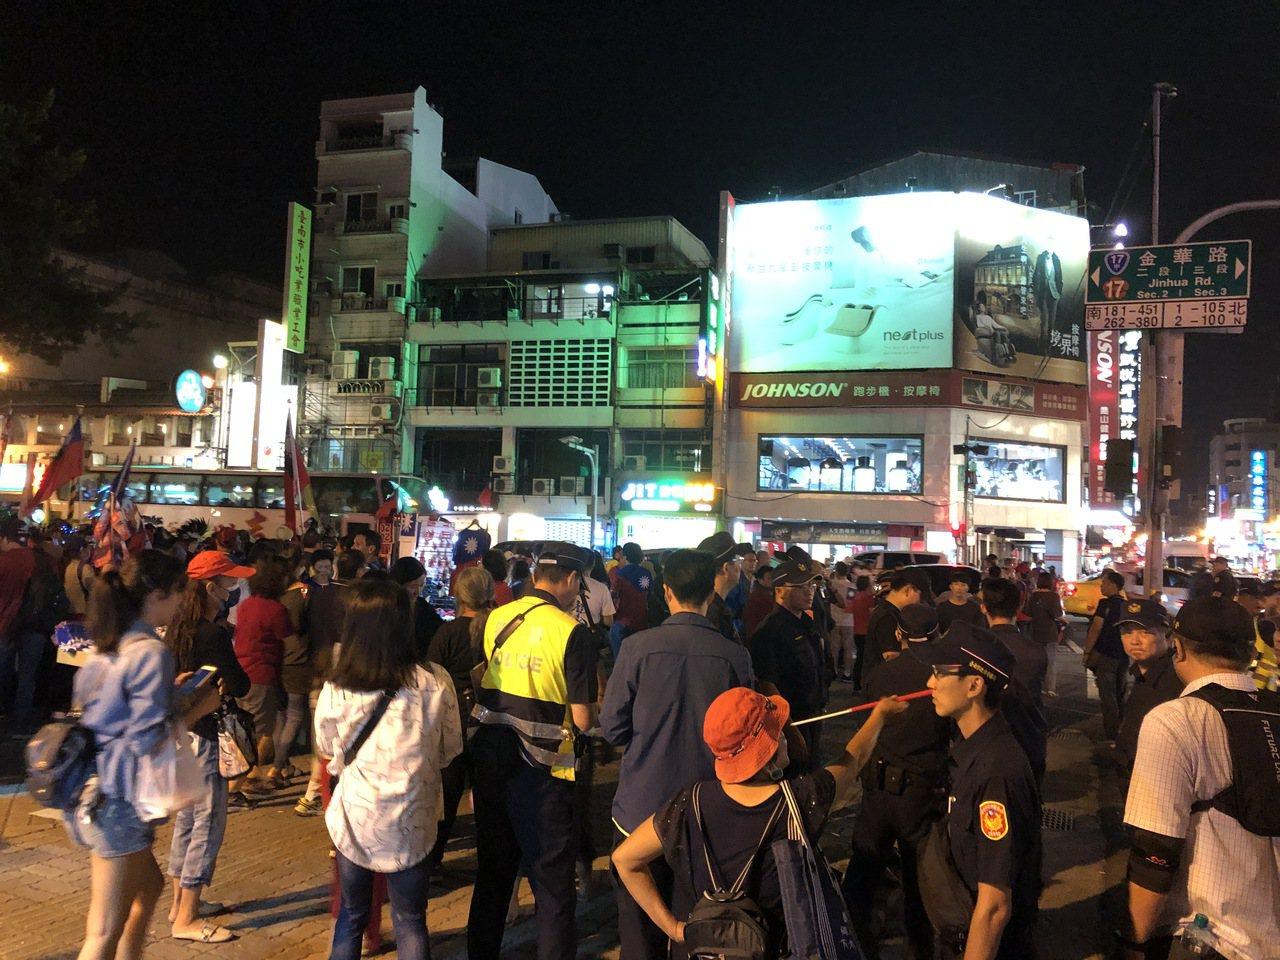 韓國瑜今晚在台南造勢,有人朝韓國瑜丟一顆雞蛋,不過並沒有擊中韓國瑜,警方在案發現...